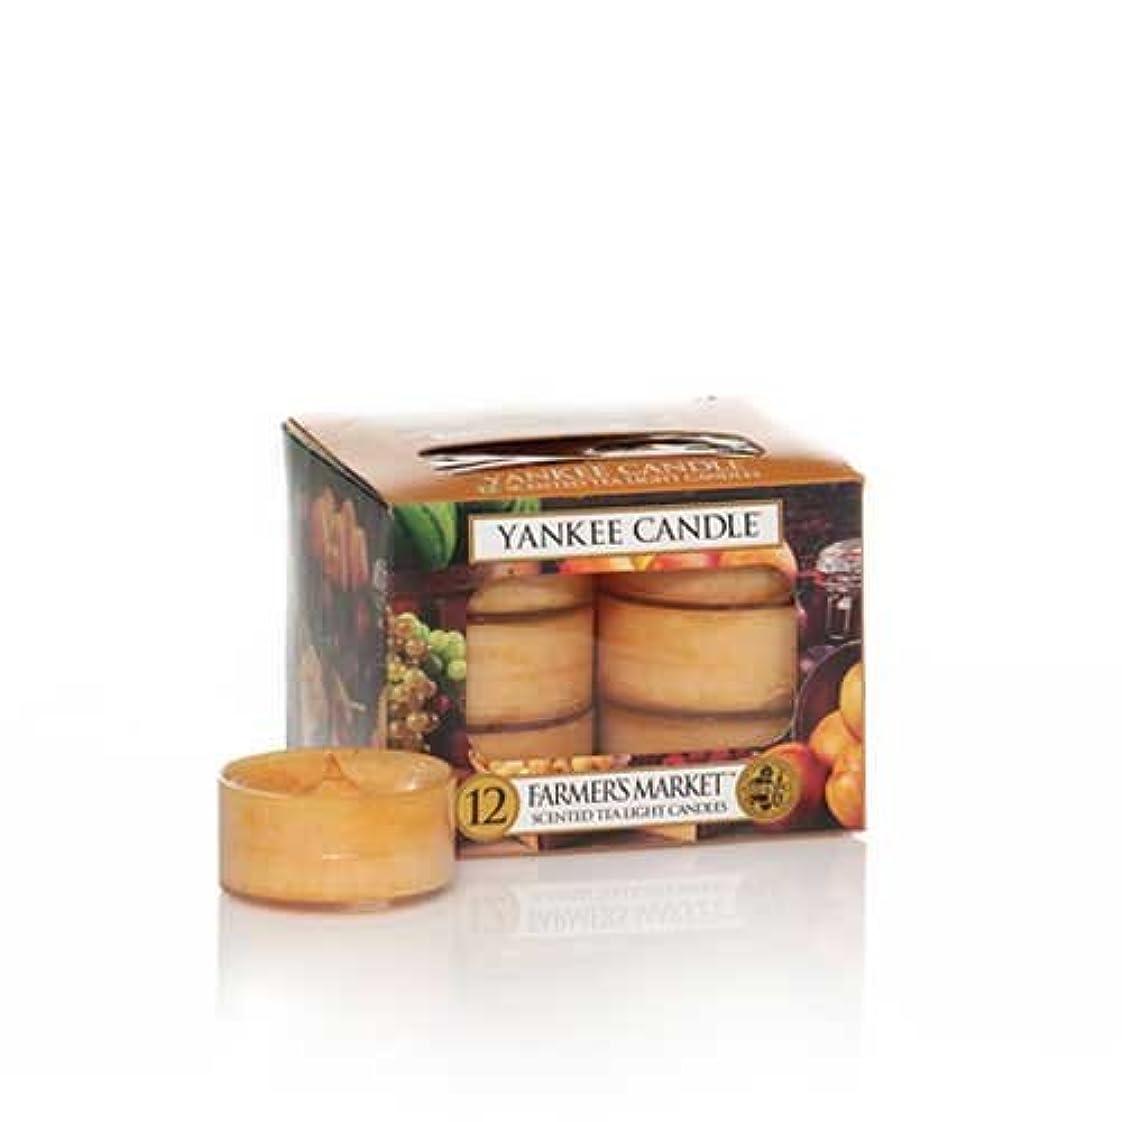 ベルベット葉巻器具Yankee Candle Farmer 's Market, Food & Spice香り Tea Light Candles オレンジ 1163587-YC